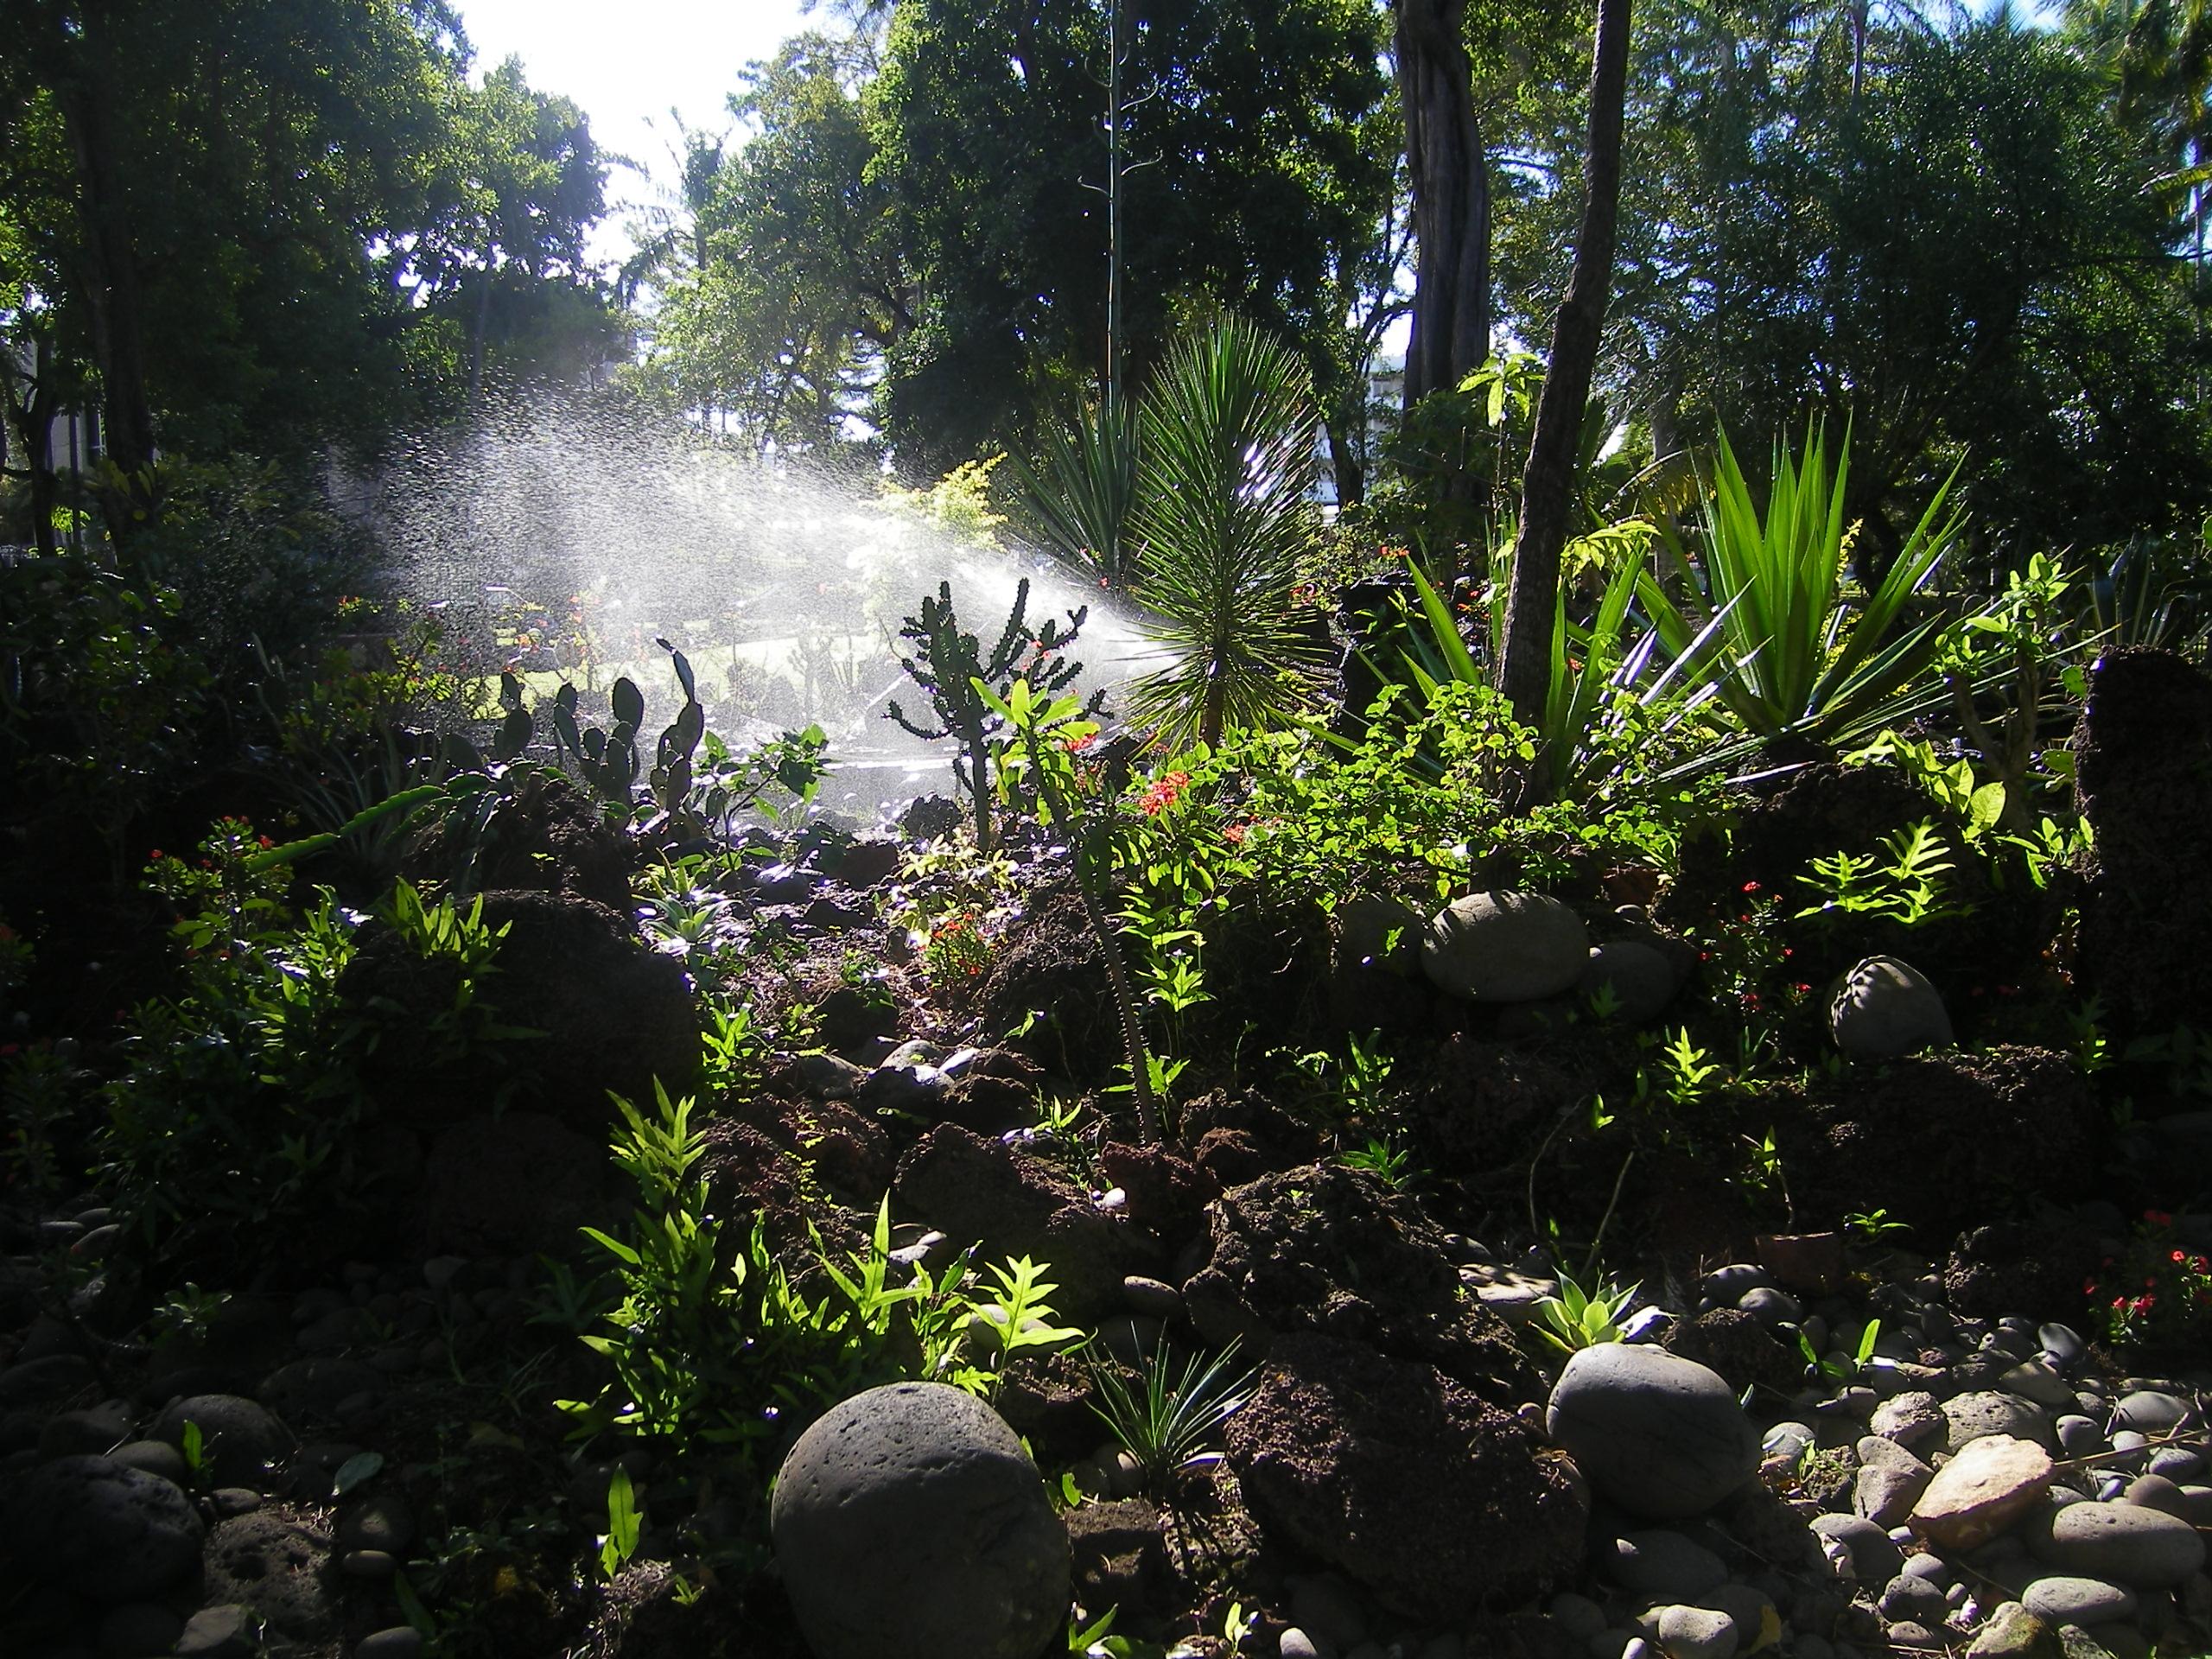 Le jardin de l etat le mhn de st denis de la reunion claire line 39 s travelogues - Jardin potager bio saint denis ...